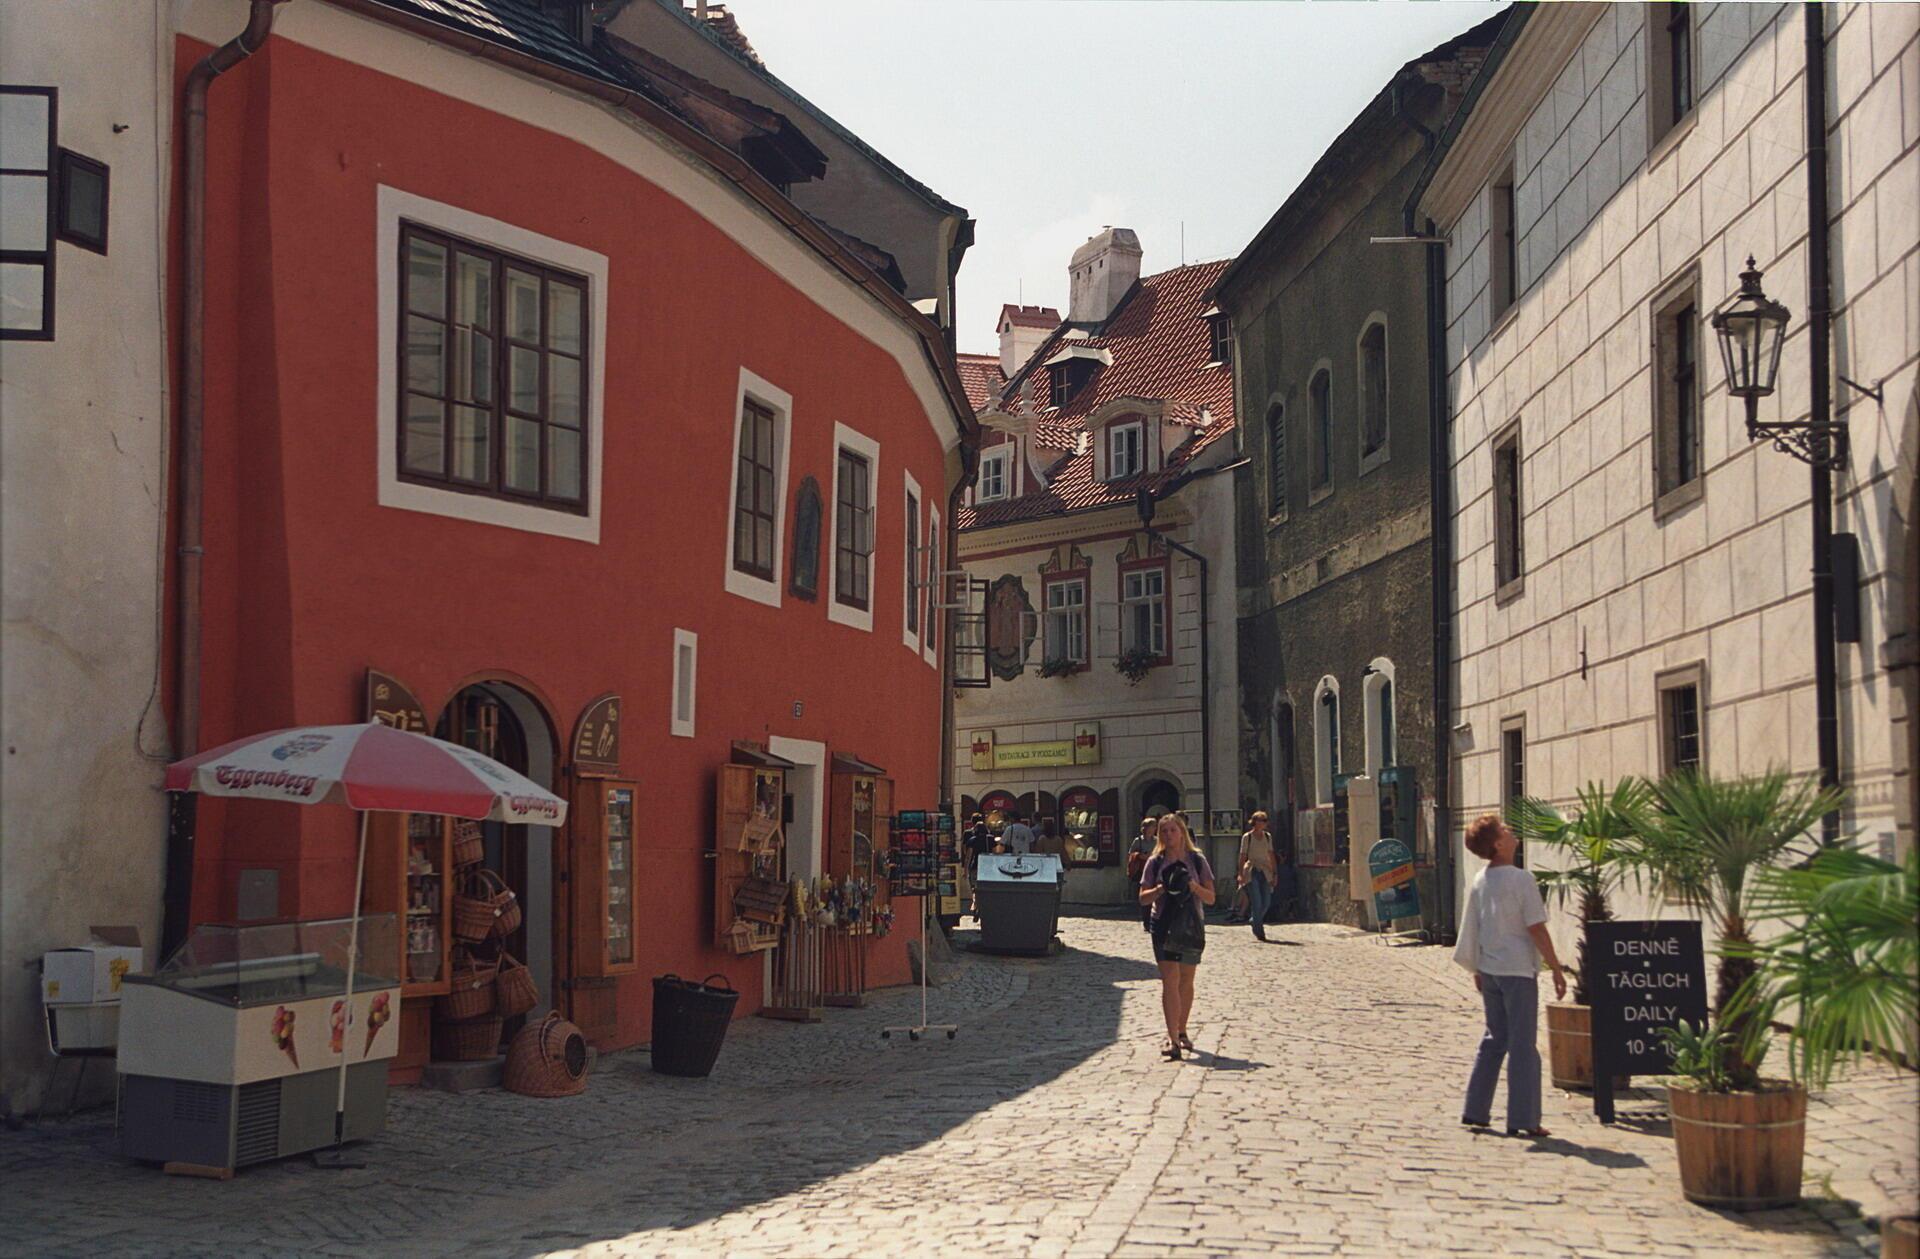 Ảnh minh họa: Đường Siroka, nơi có bảo tàng Egon Schiele của thành phố Cesky Krumlov, Cộng hòa Séc.